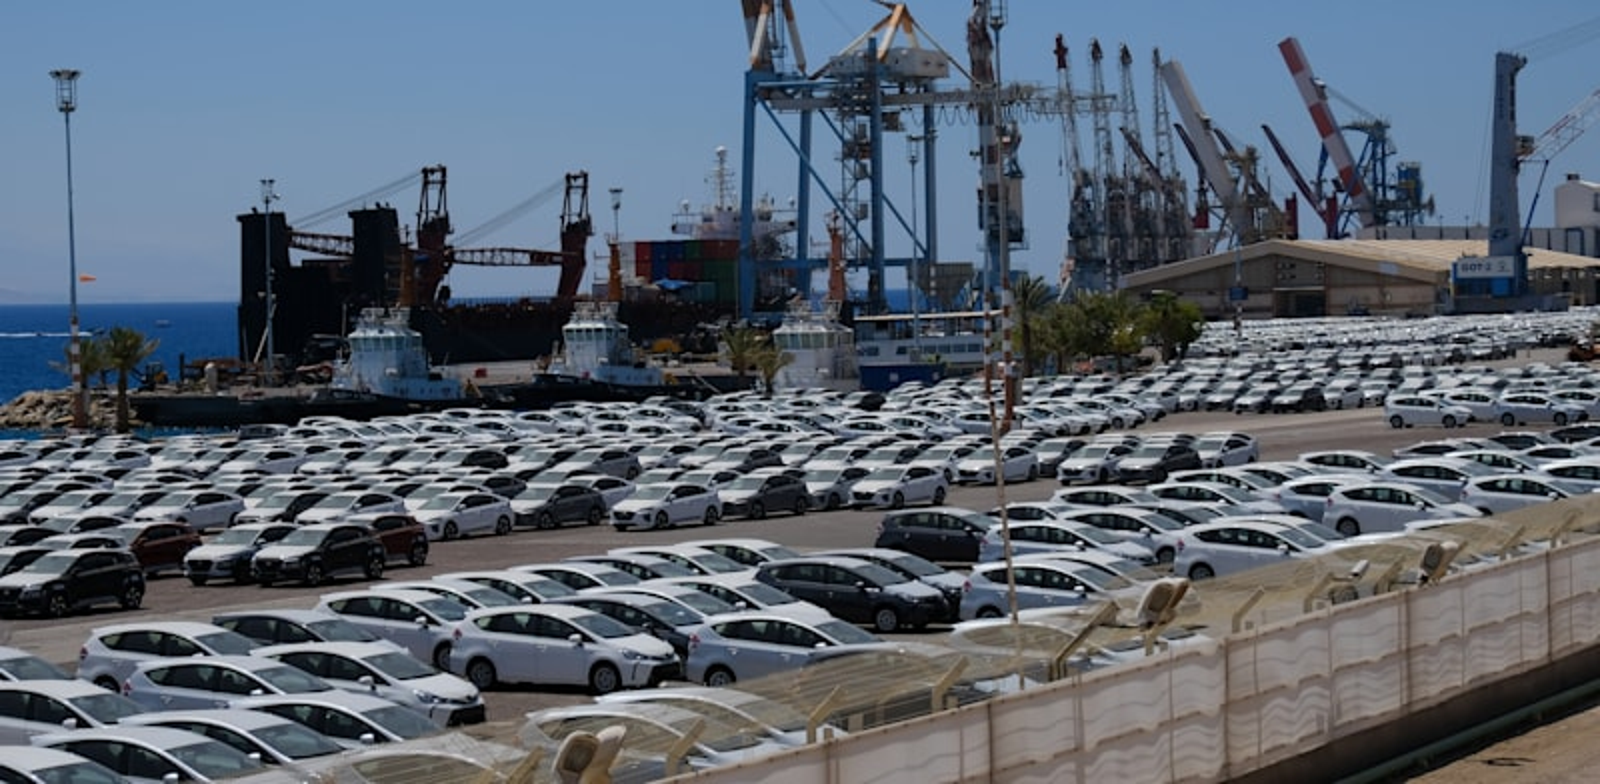 מכוניות חדשות בנמל אילת. דחייה באספקה בשל קשיים עולמיים / צילום: איל יצהר